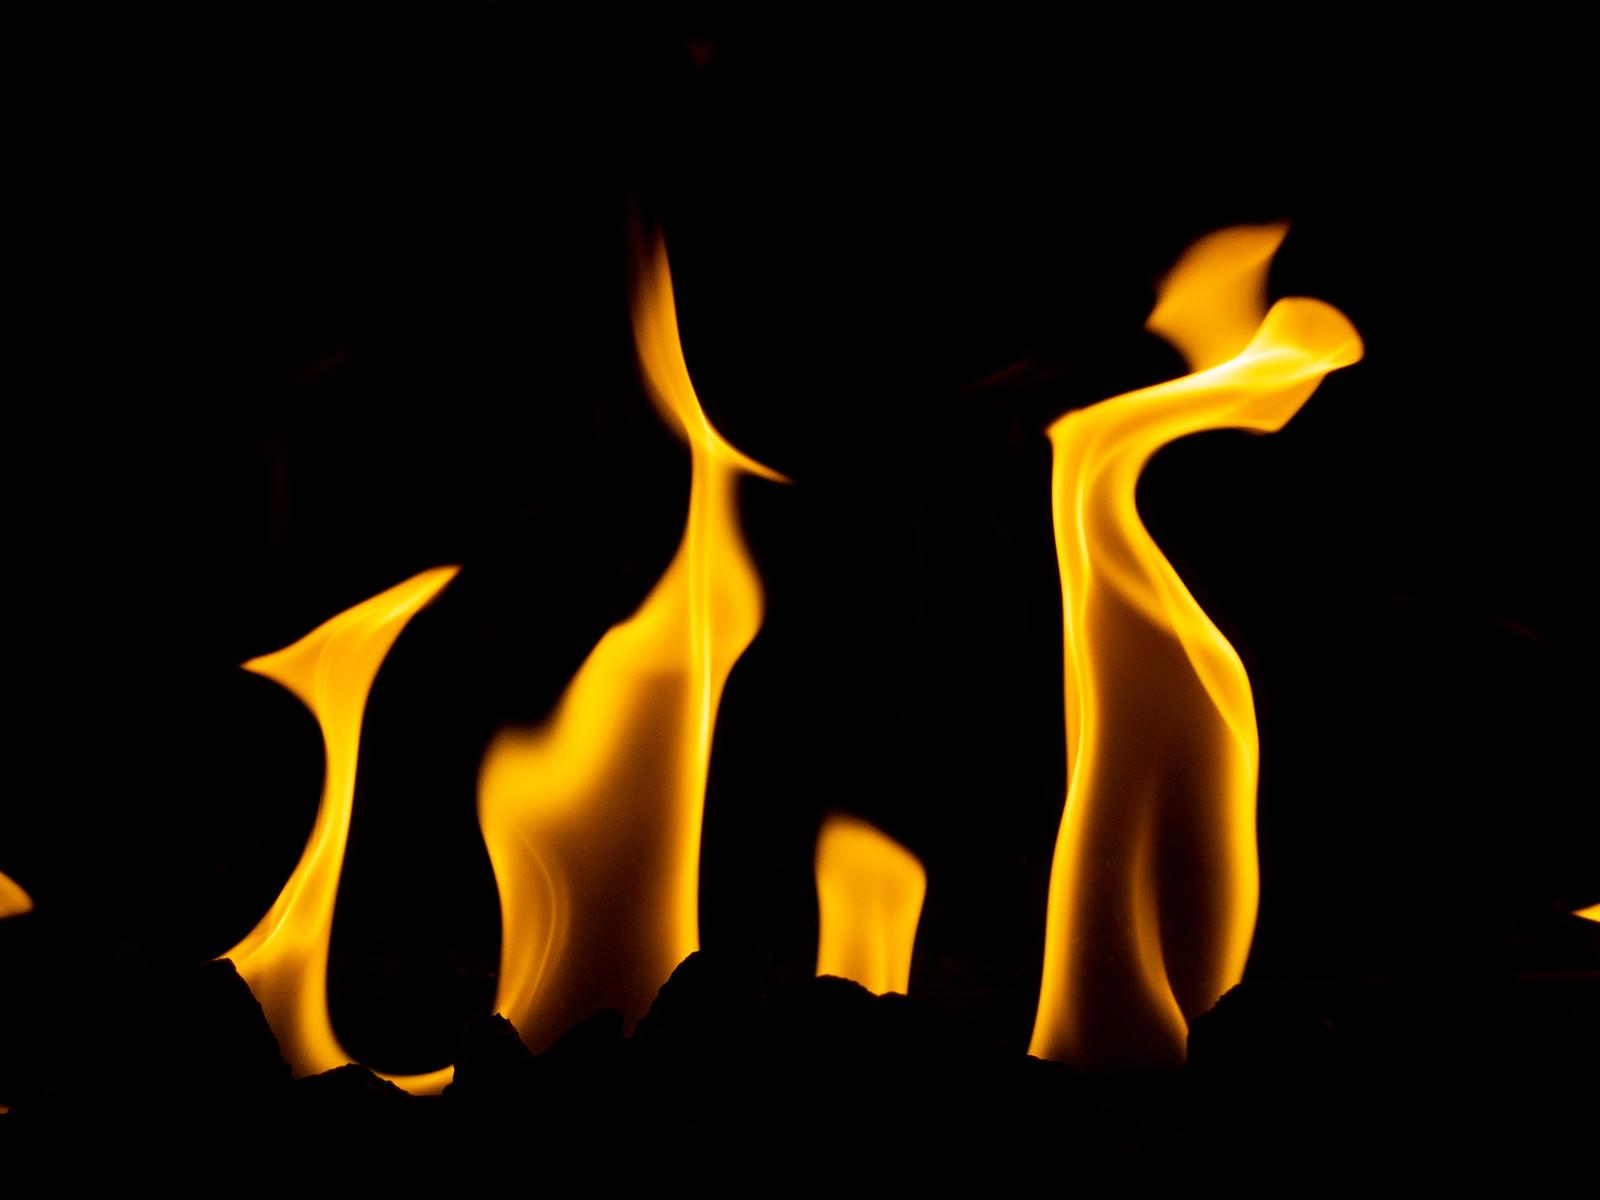 「火がメラメラ燃える様子」の写真